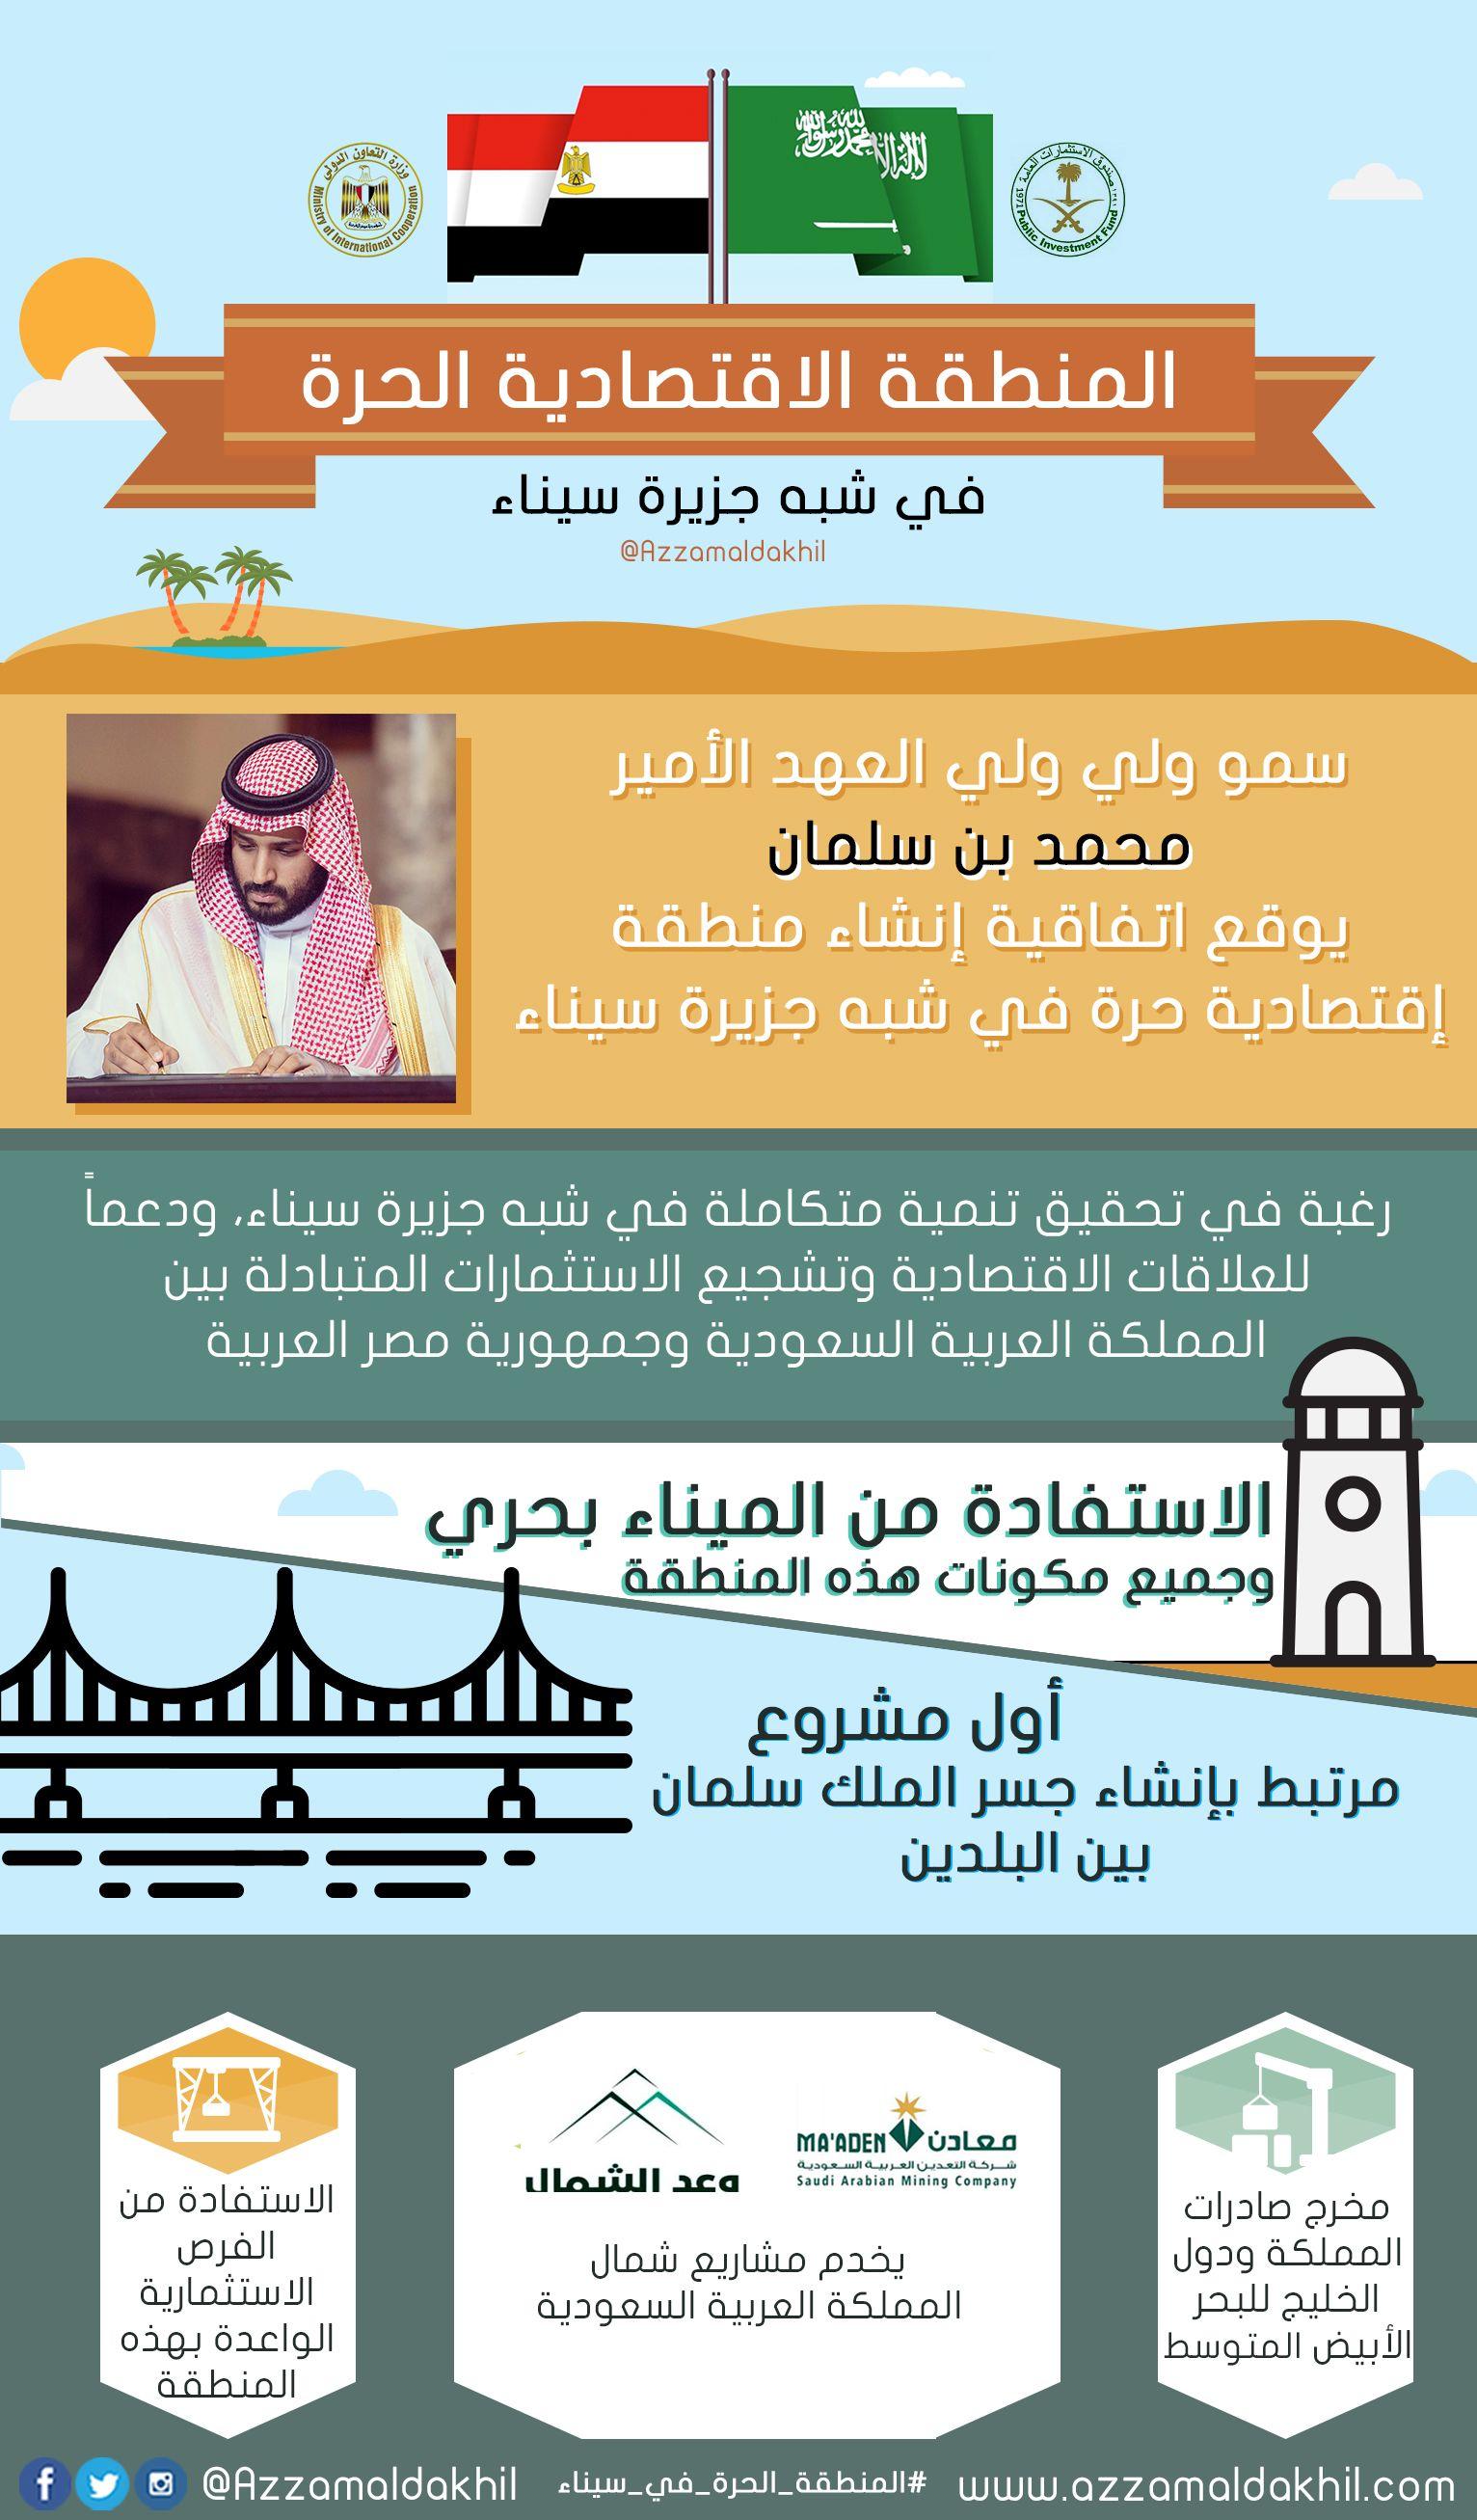 معلنا انطلاق أول مشروع مرتبط بإنشاء جسر الملك سلمان سمو ولي ولي العهد يوقع اتفاقية إنشاء المنطقة الحرة في سيناء News Shopping